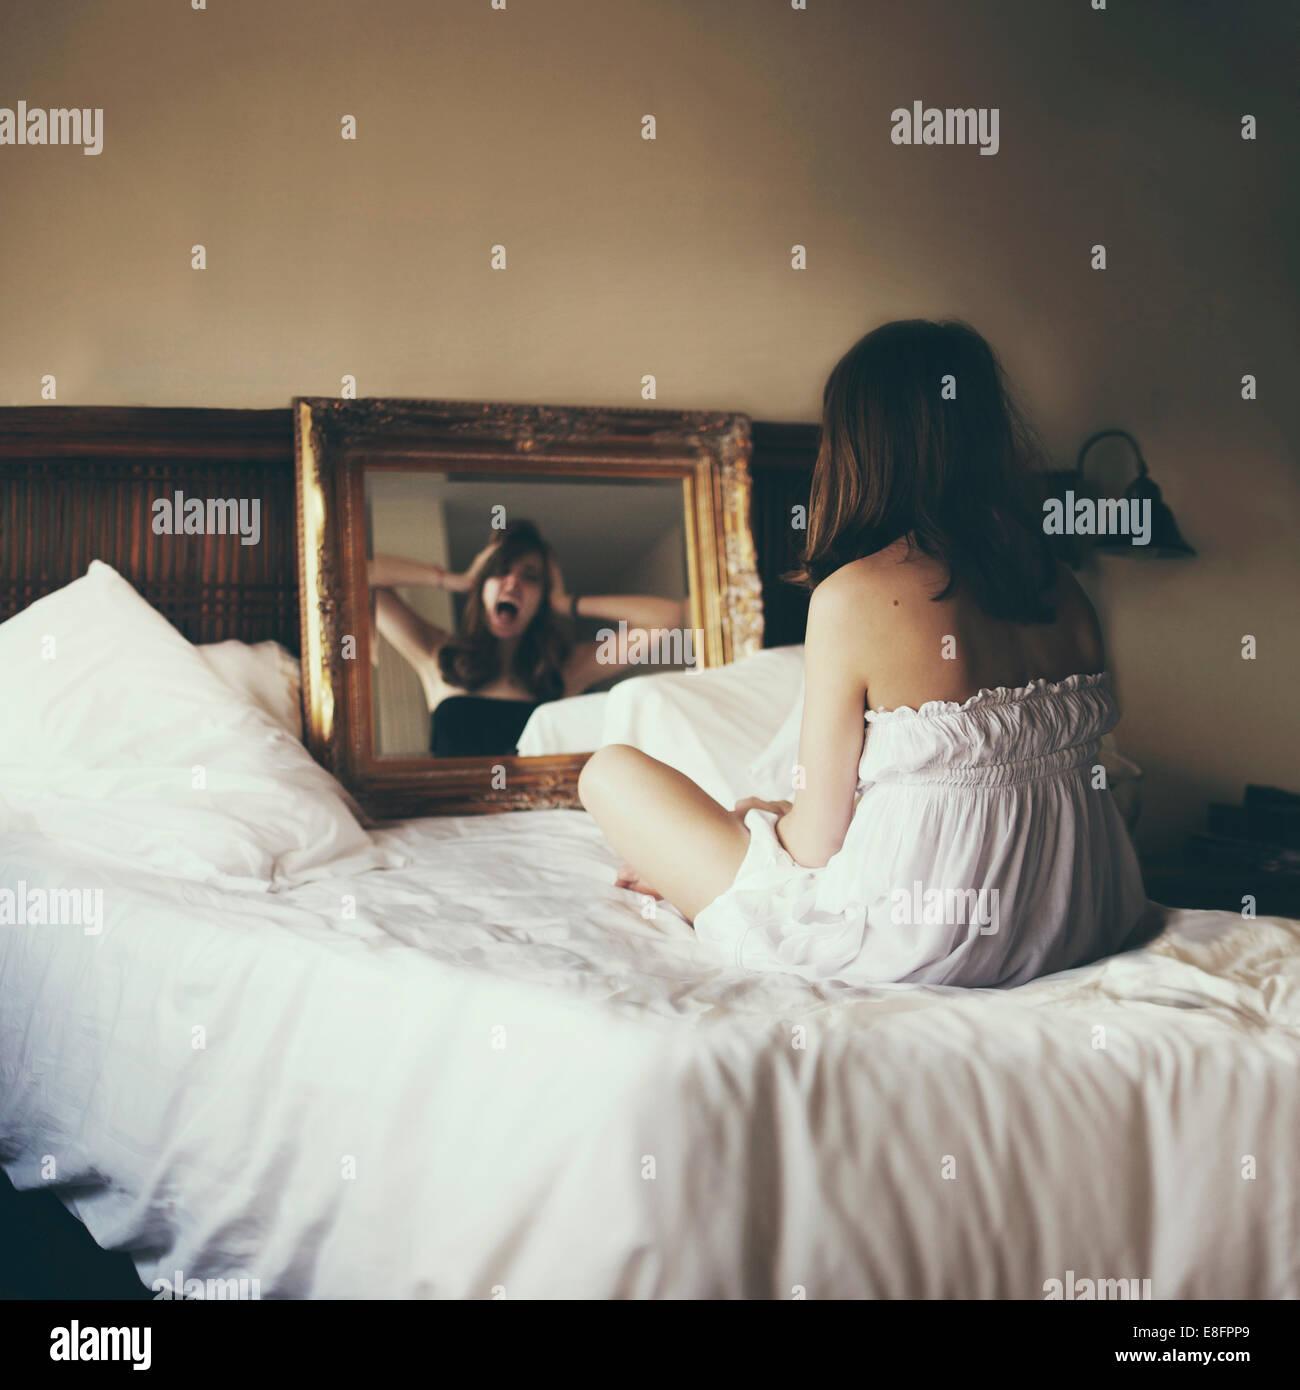 Donna seduta sul letto cercando in specchio con una riflessione urlante Immagini Stock